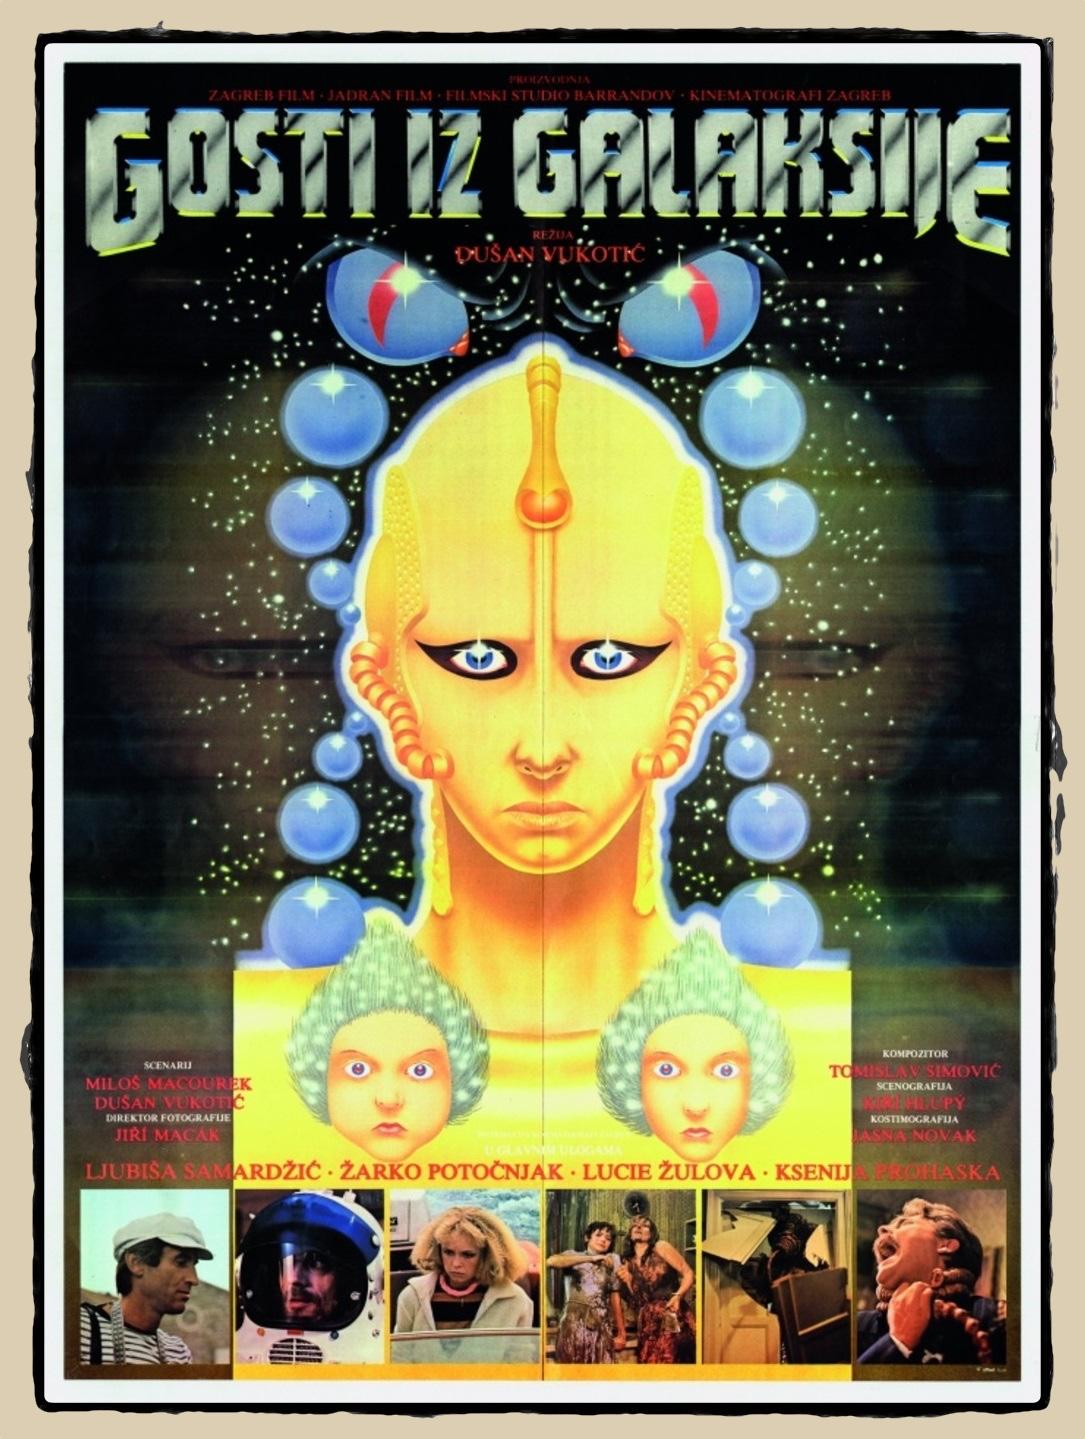 Gosti iz galaksije(1981)poster